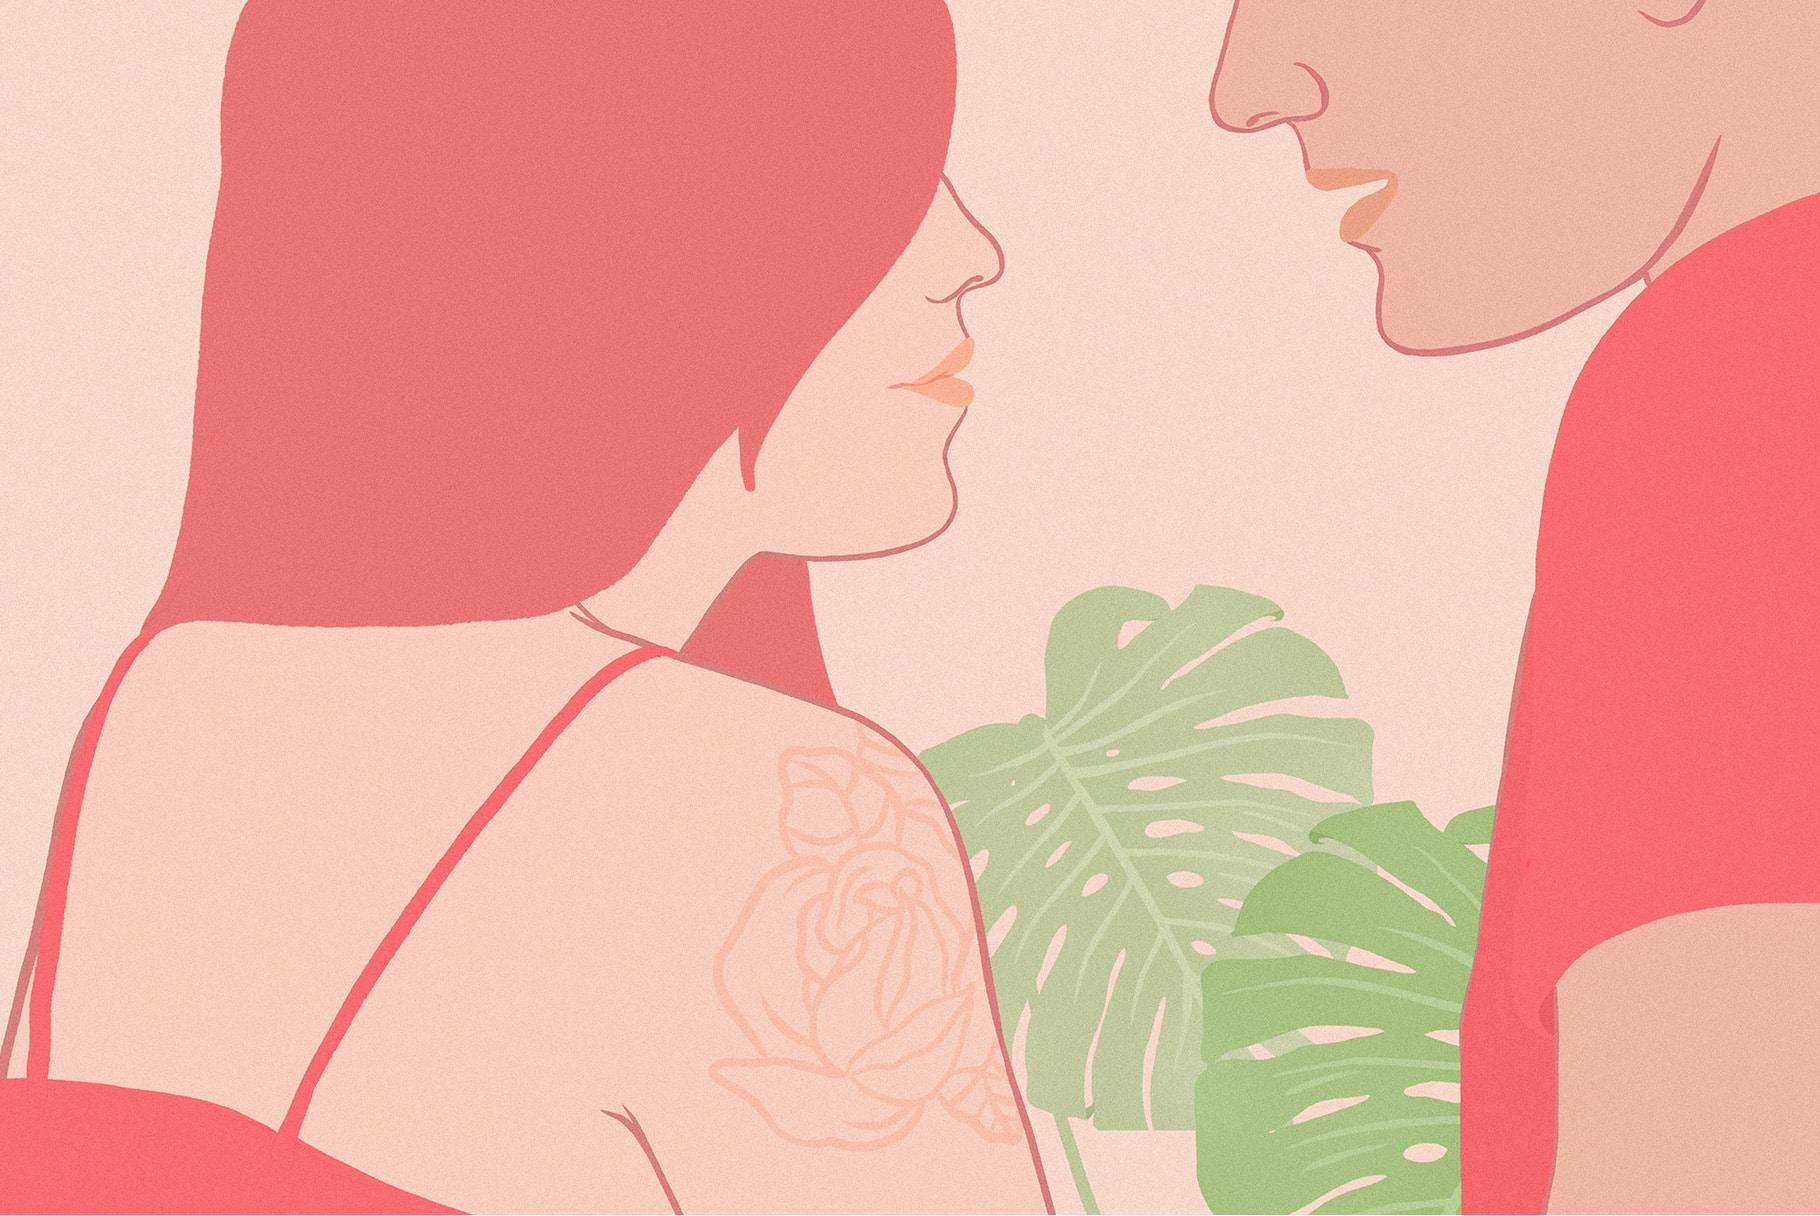 Jak urozmaicić życie intymne? Rozmawiając o nim!